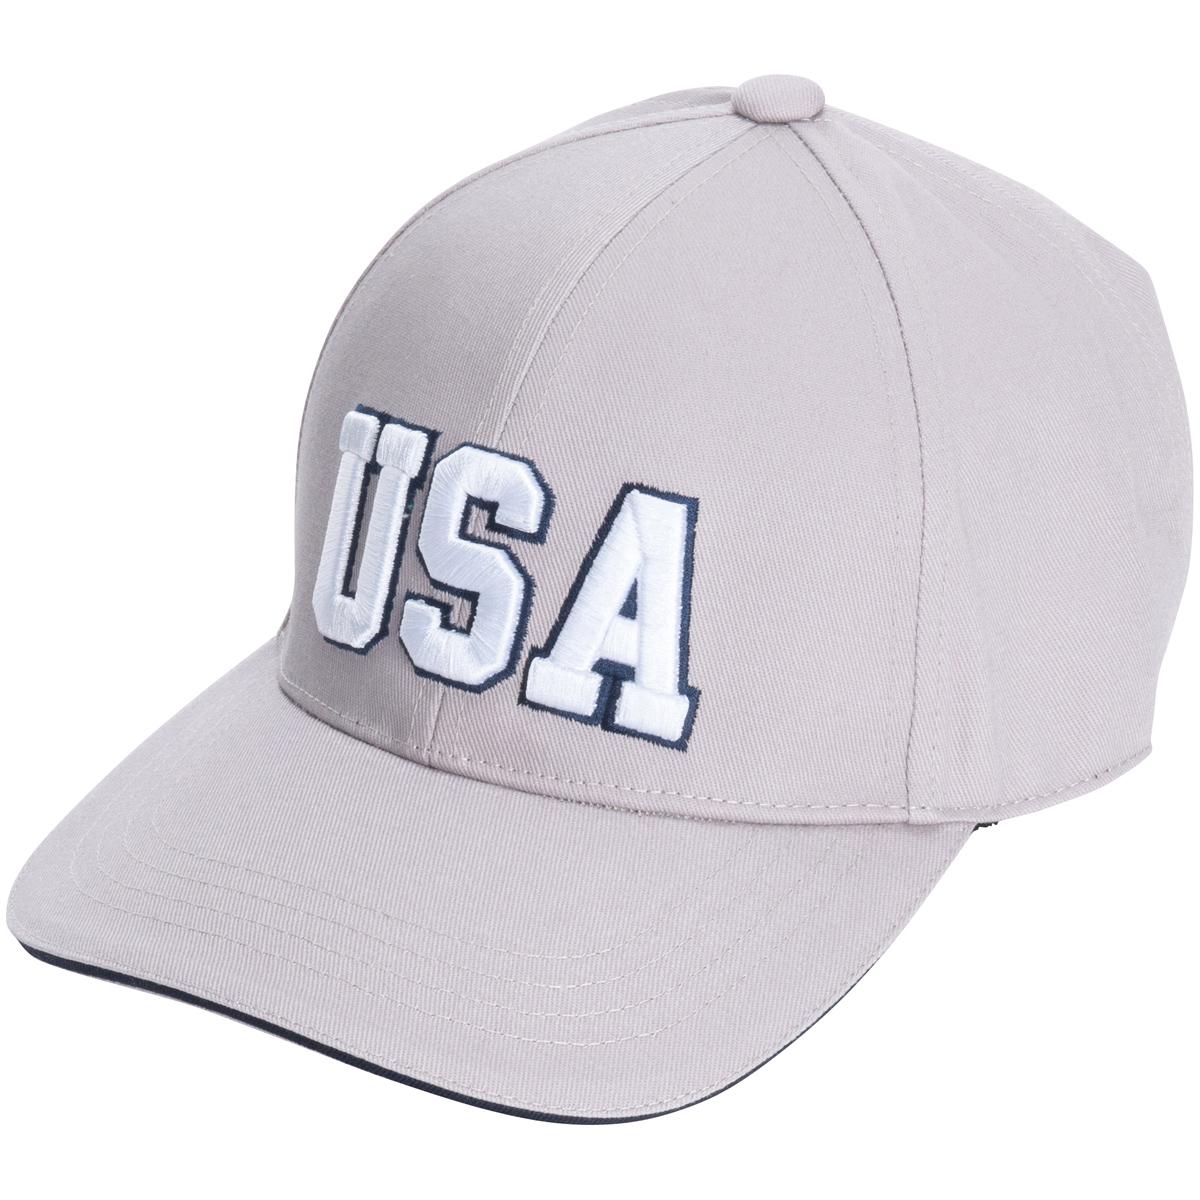 USA キャップ